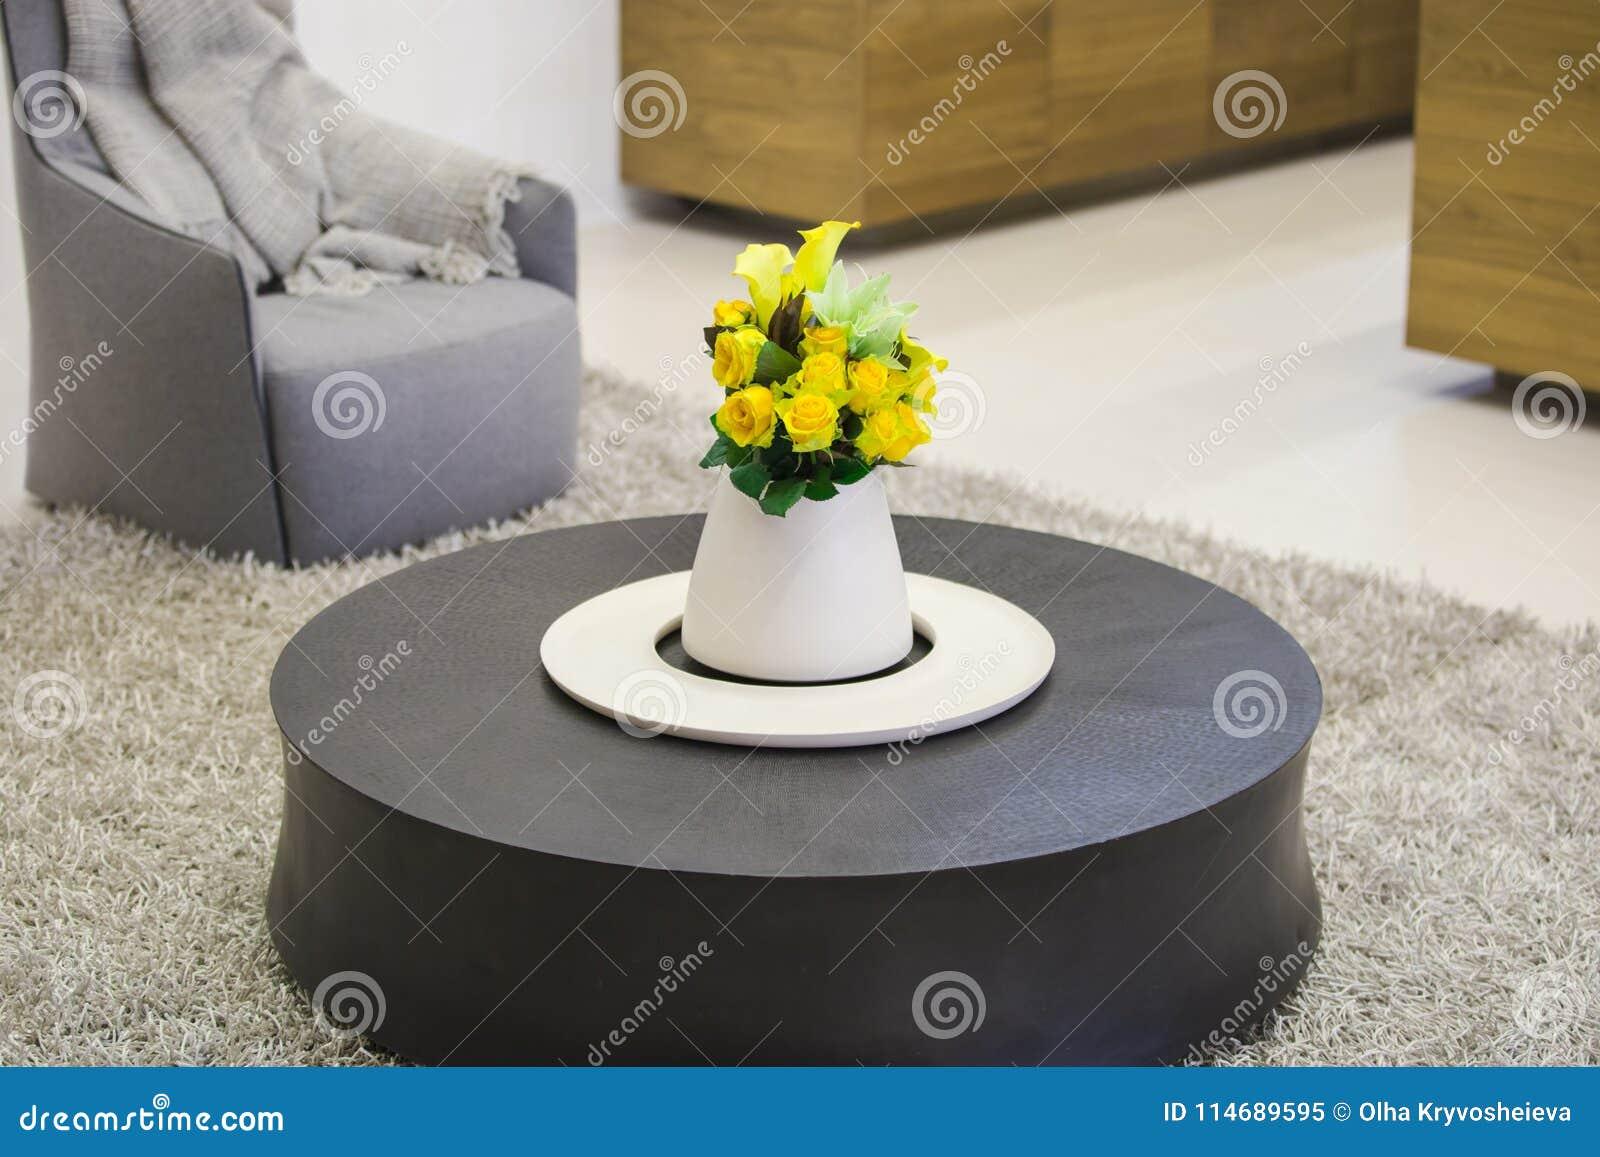 Ceppo Di Legno Tavolino tavolino da salotto di legno rotondo nel salone con un vaso